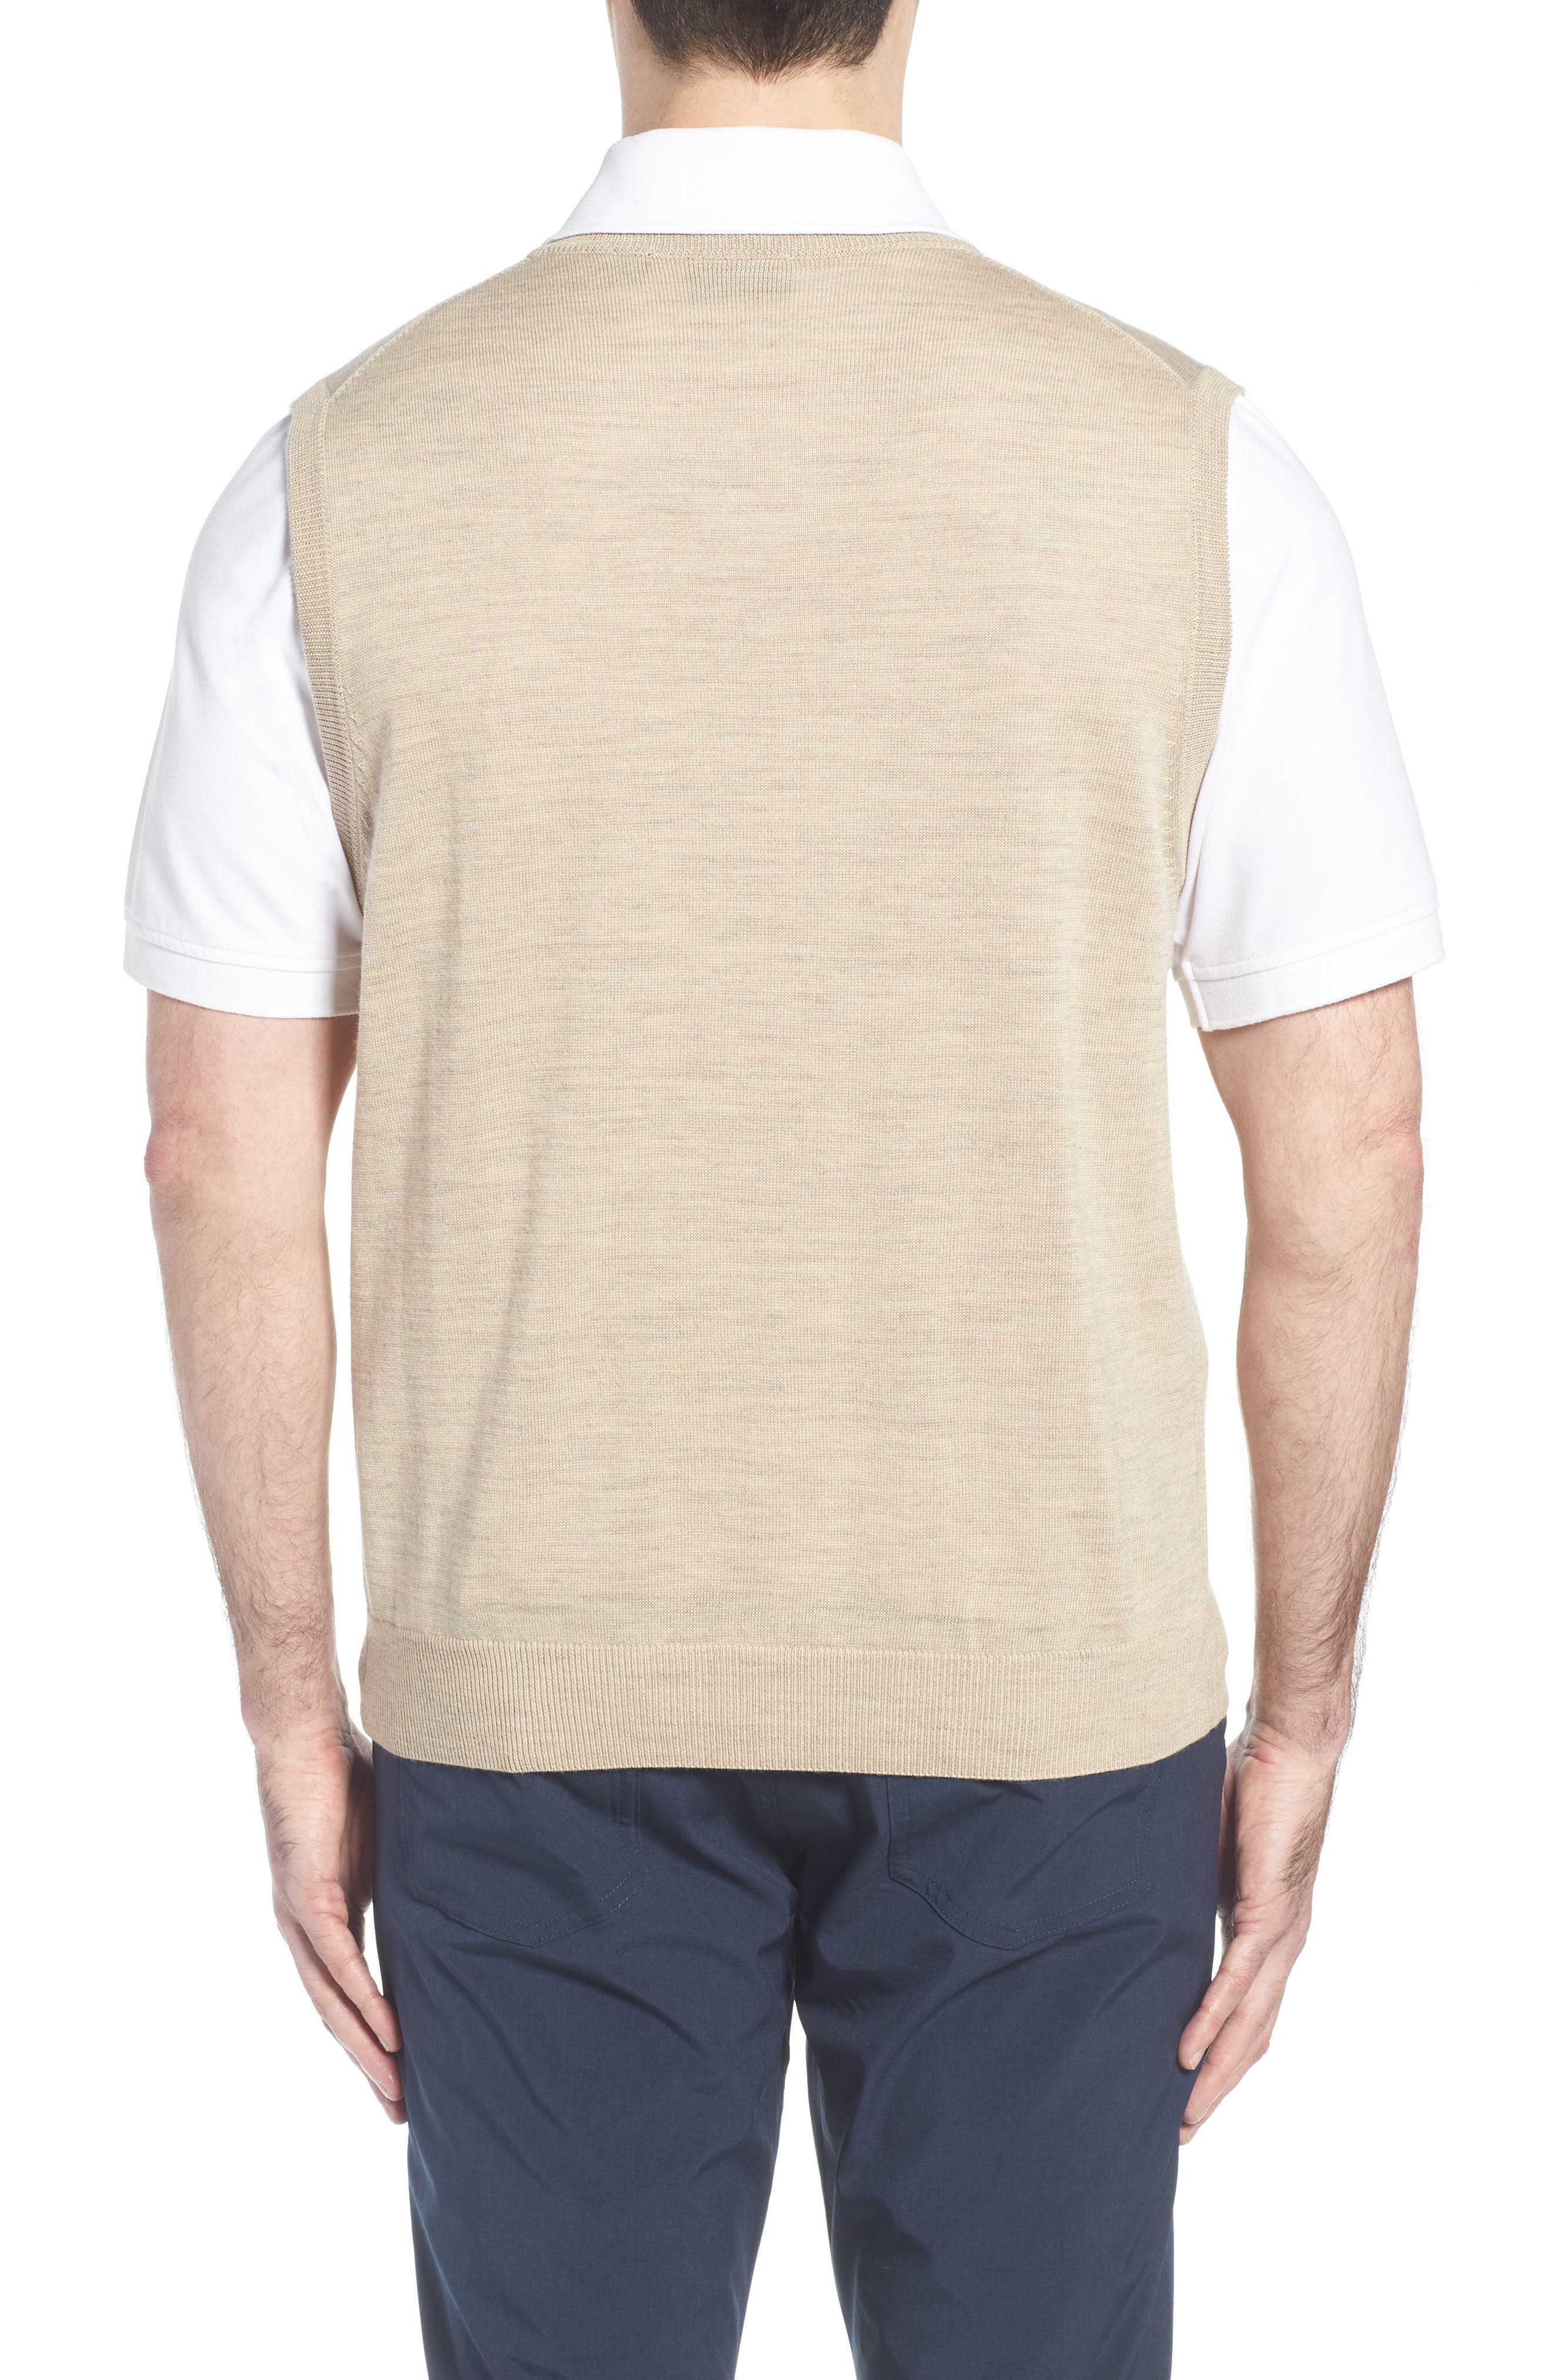 Douglas Merino Wool Blend V-Neck Vest,                             Alternate thumbnail 2, color,                             Sand Heather